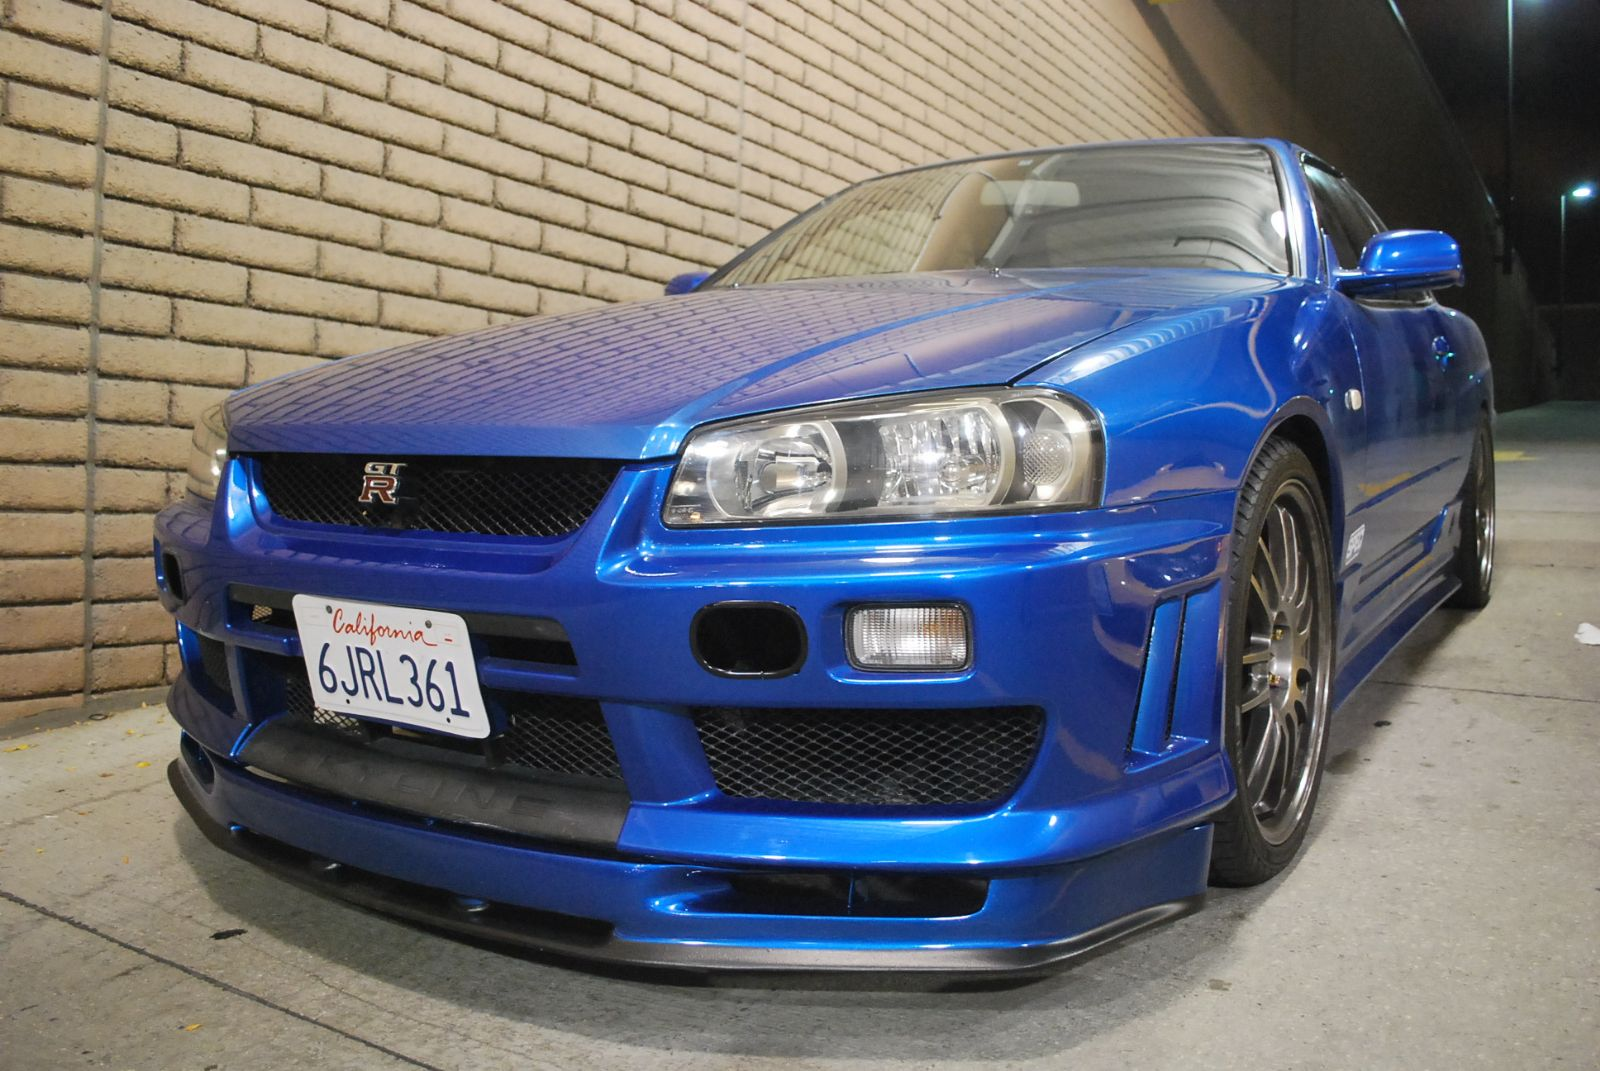 2001 Nissan Skyline GTR (GTT shell) For Sale | Illinois